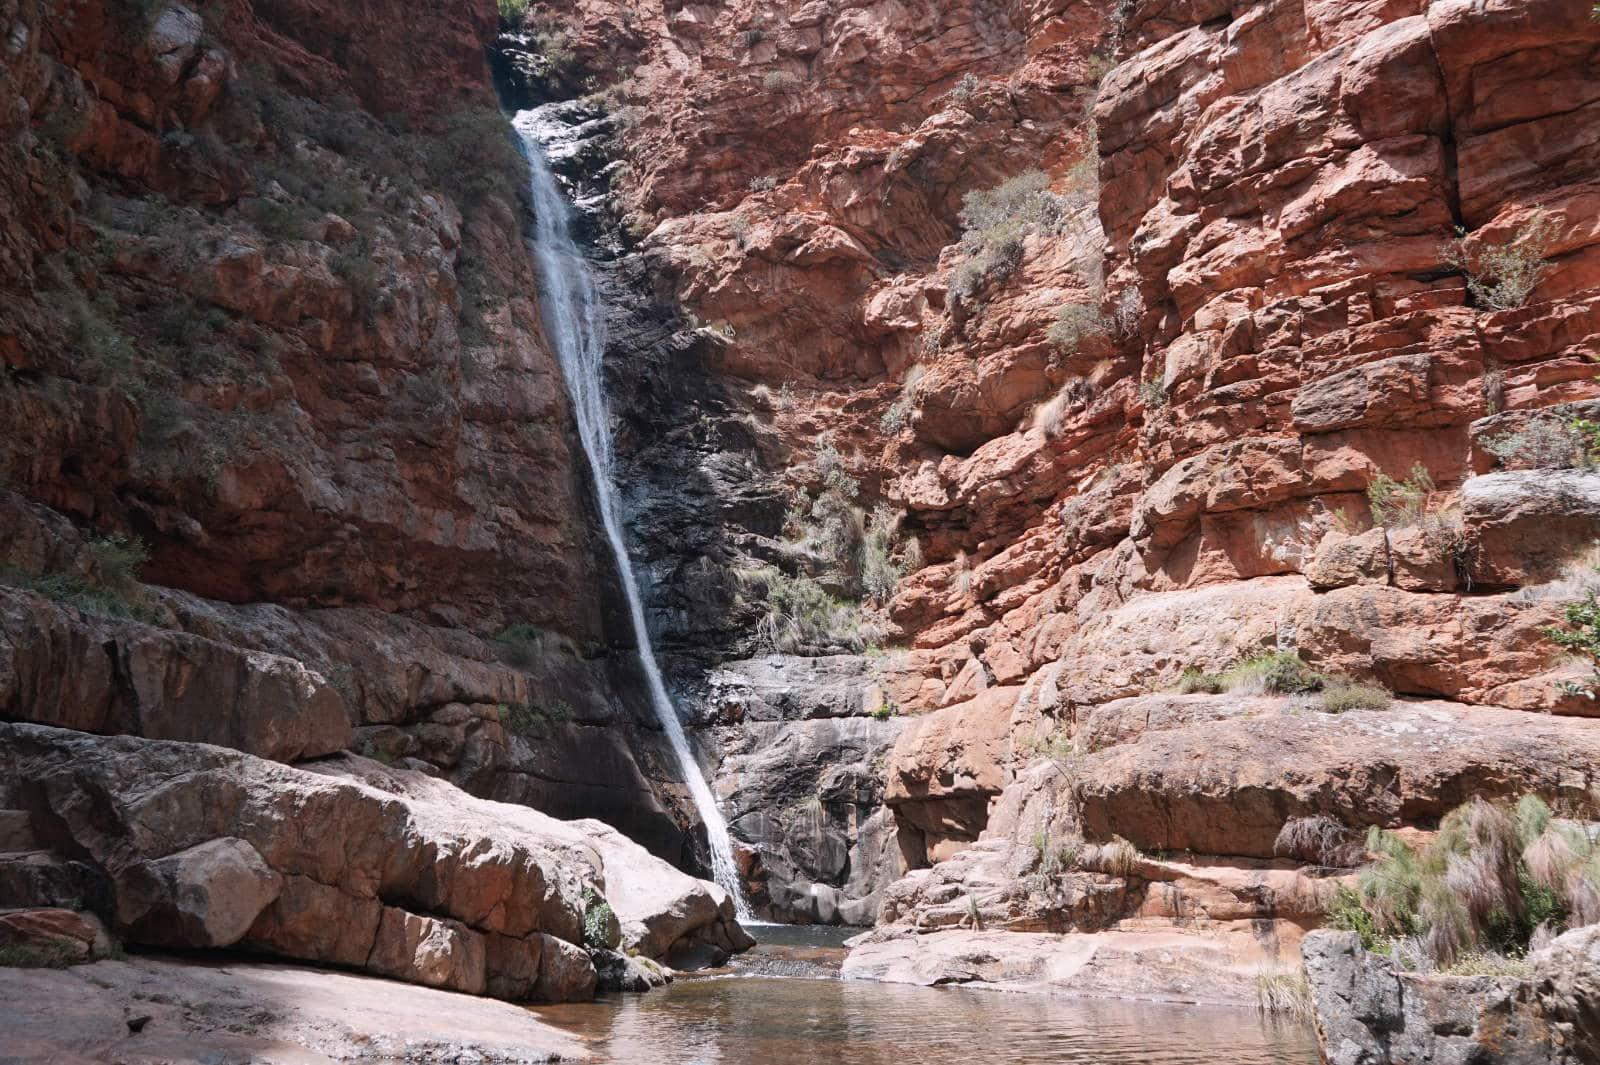 Meiringsport Wasserfall